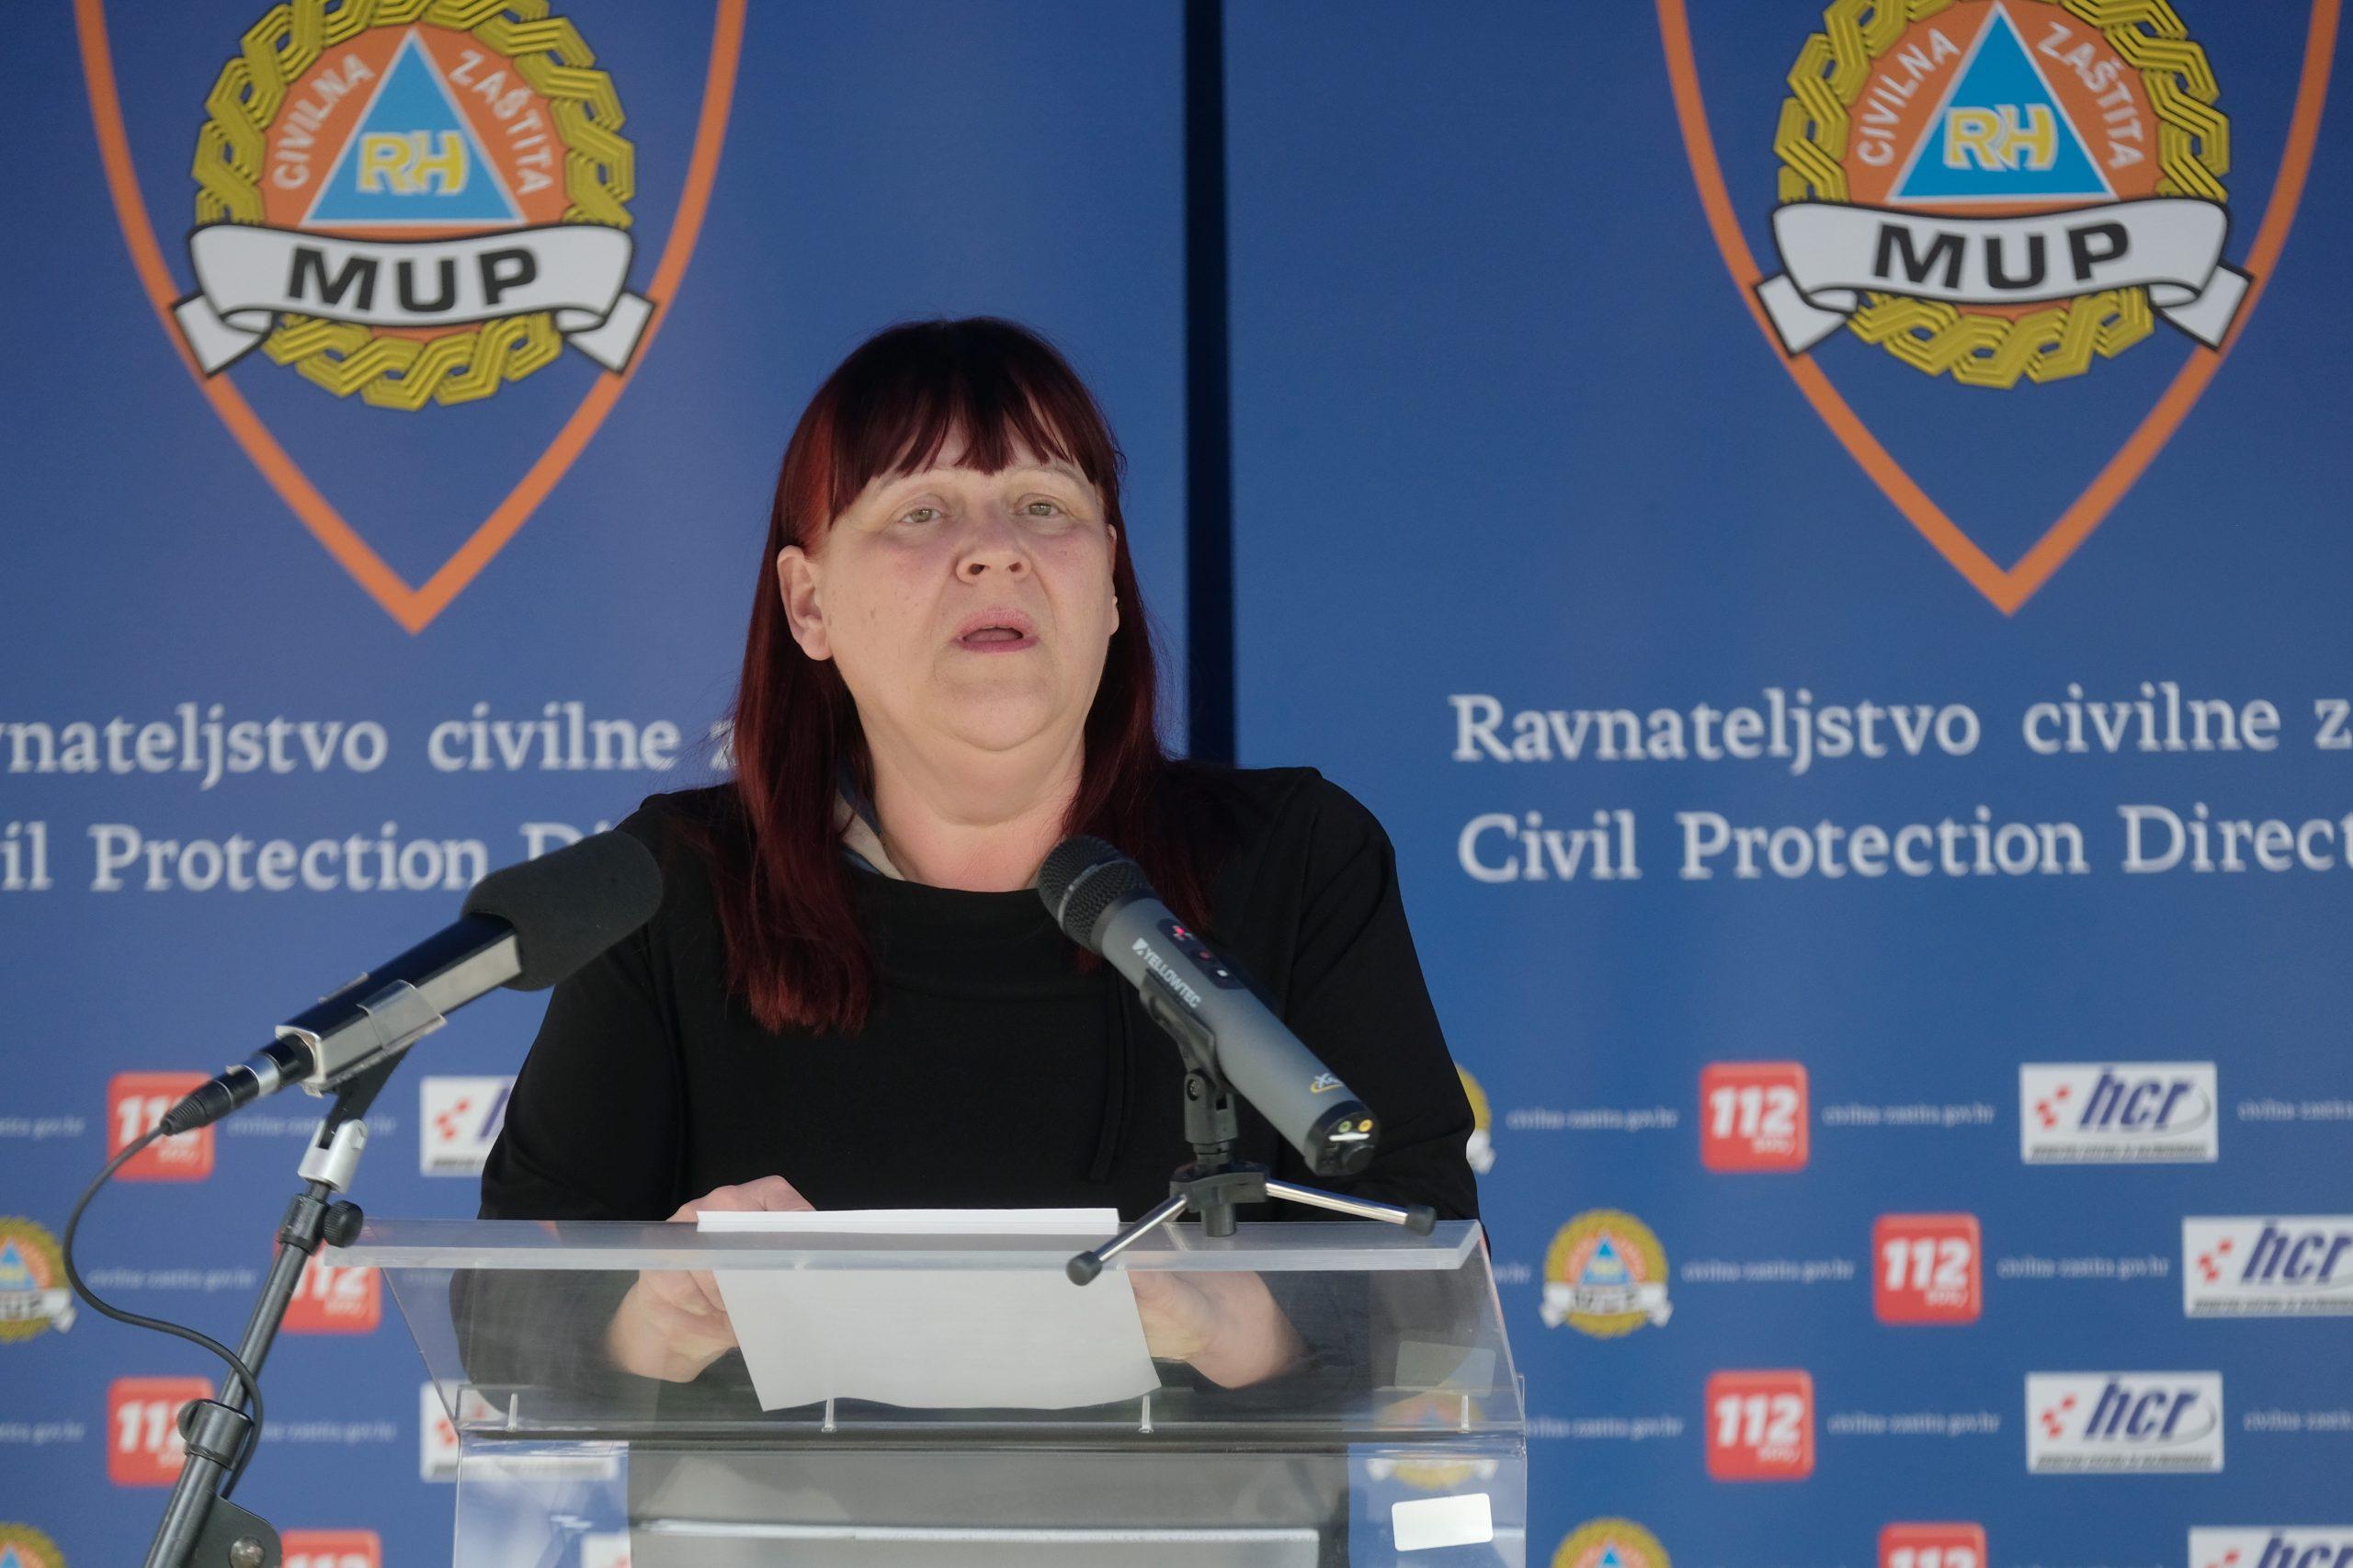 HDZ očito računa na ulogu koju je Maja Grba Bujević imala u borbi protiv korone / Photo: Edvard Susak/HINA/POOL/PIXSELL